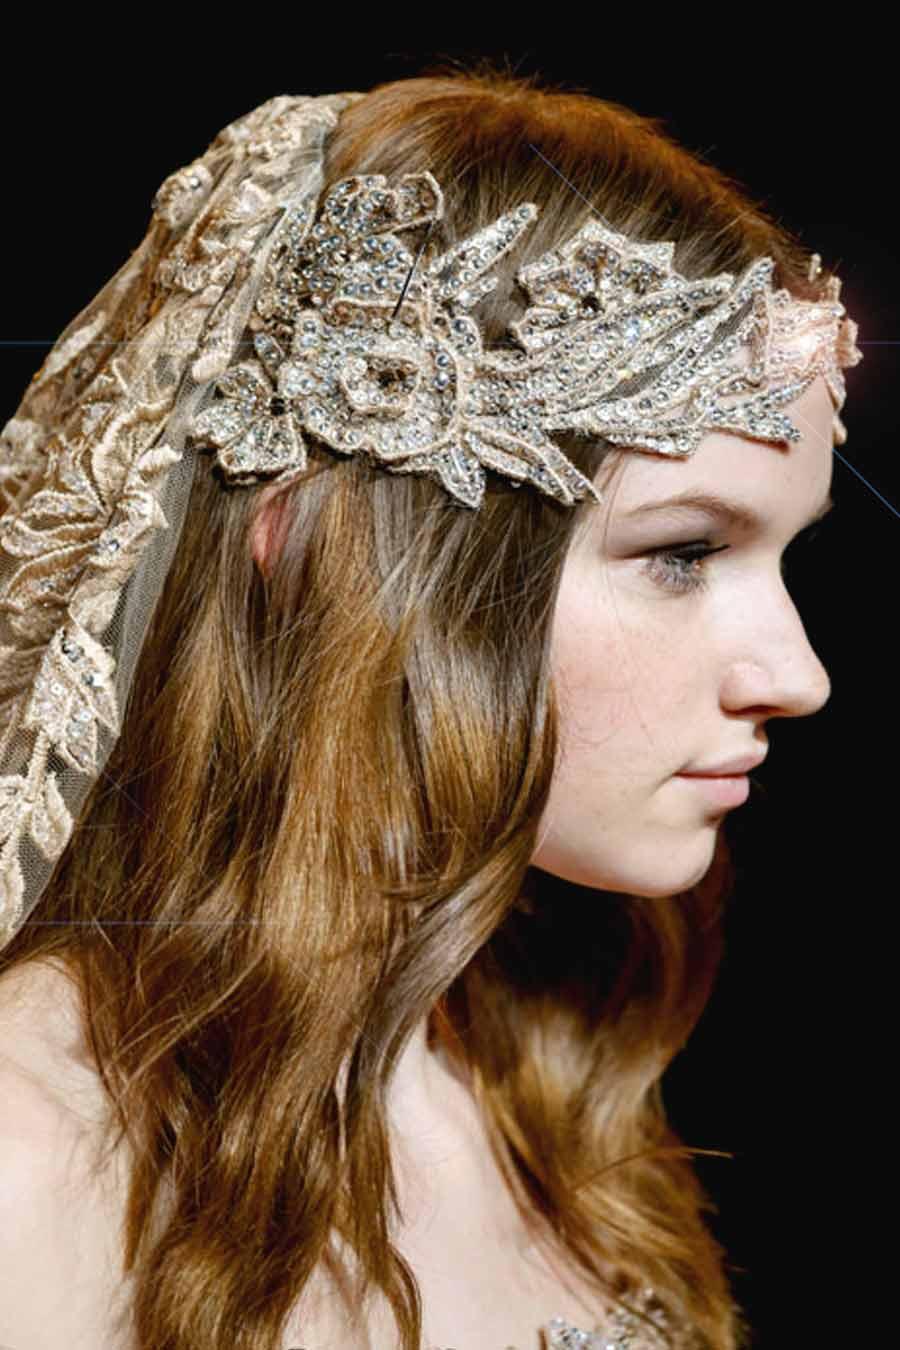 cristalli-look-shining-zuhair-murad-houte-couture-tiara-img4